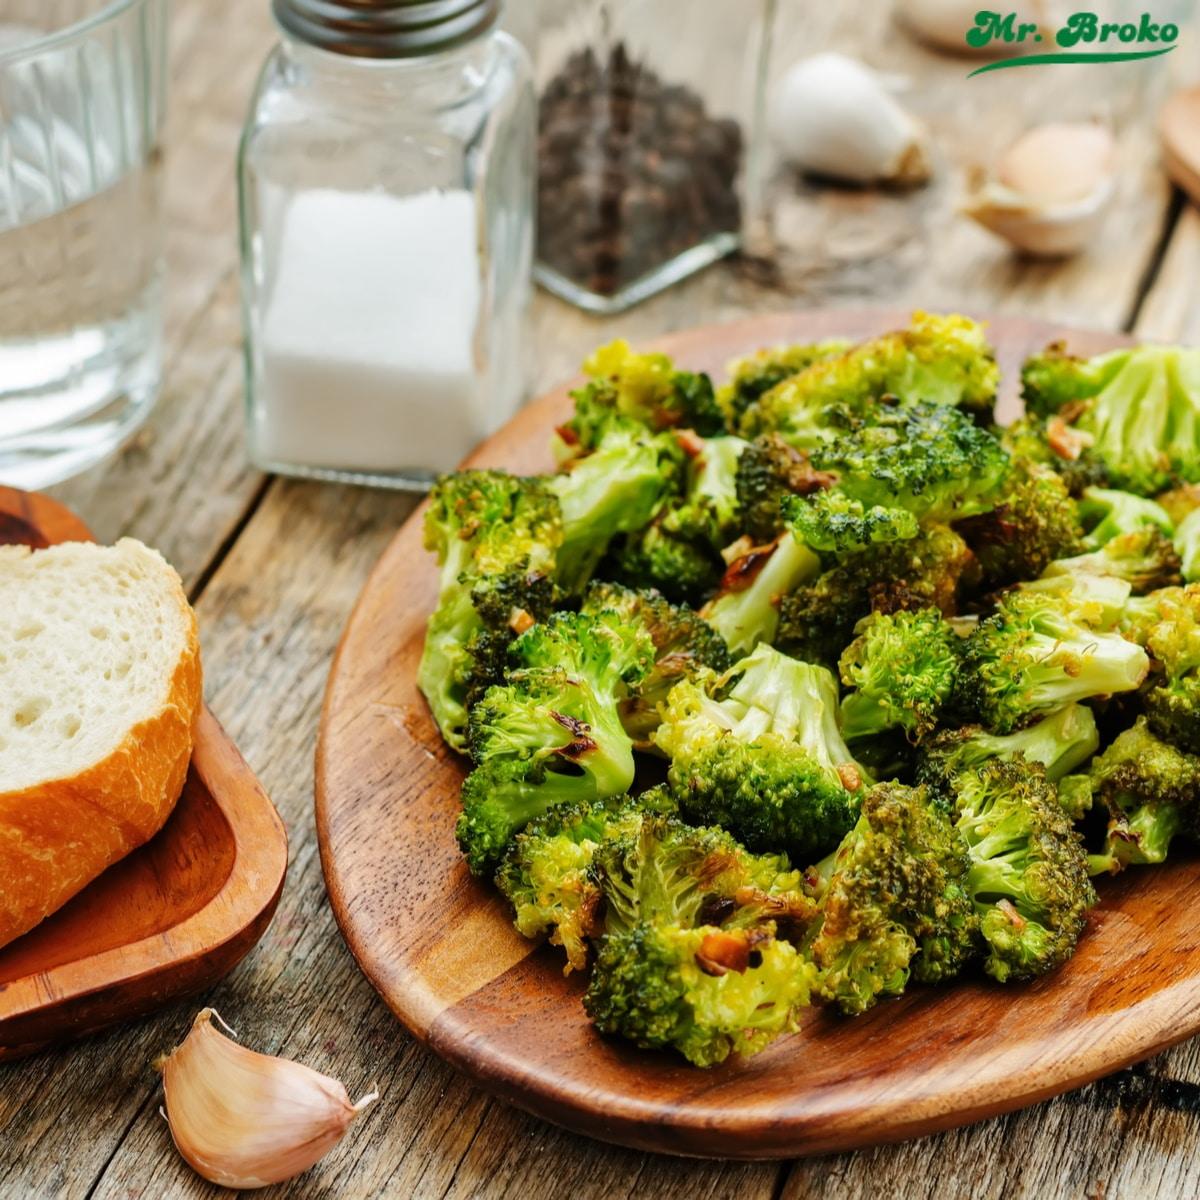 Receta de Brócoli a la plancha